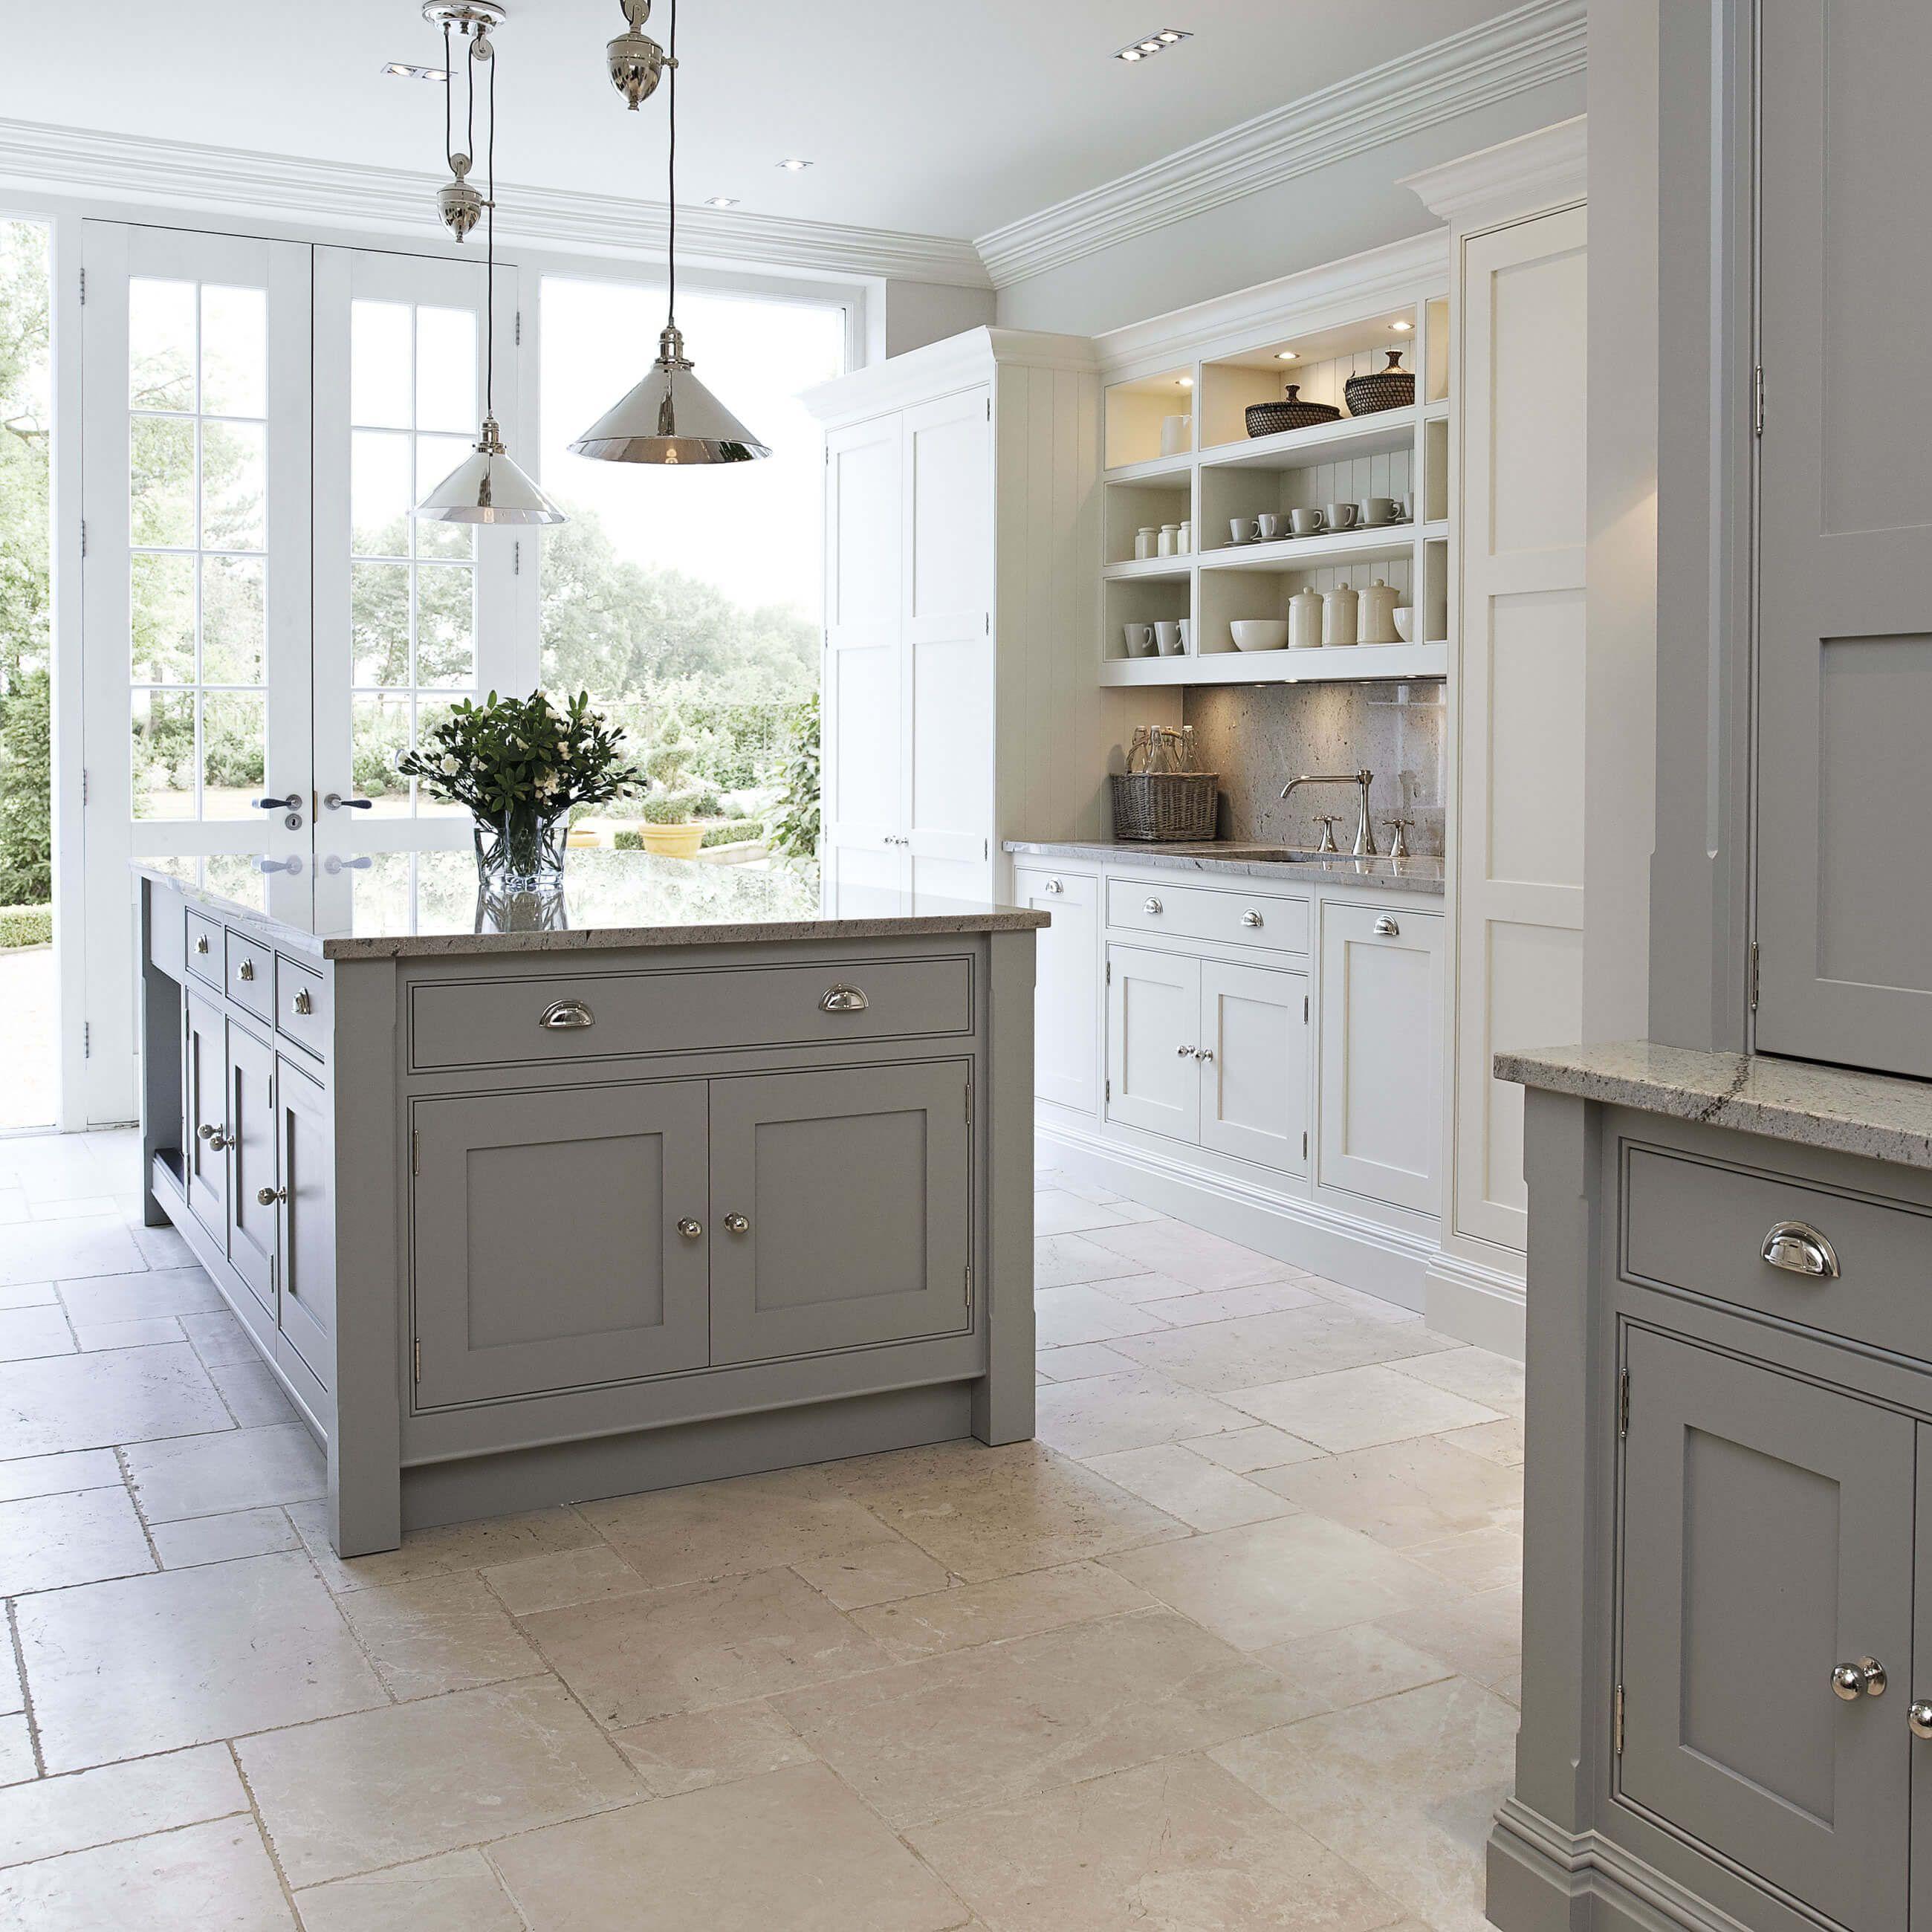 contemporary shaker kitchen in 2020 kitchen flooring kitchen design kitchen remodel on kitchen remodel floor id=51887